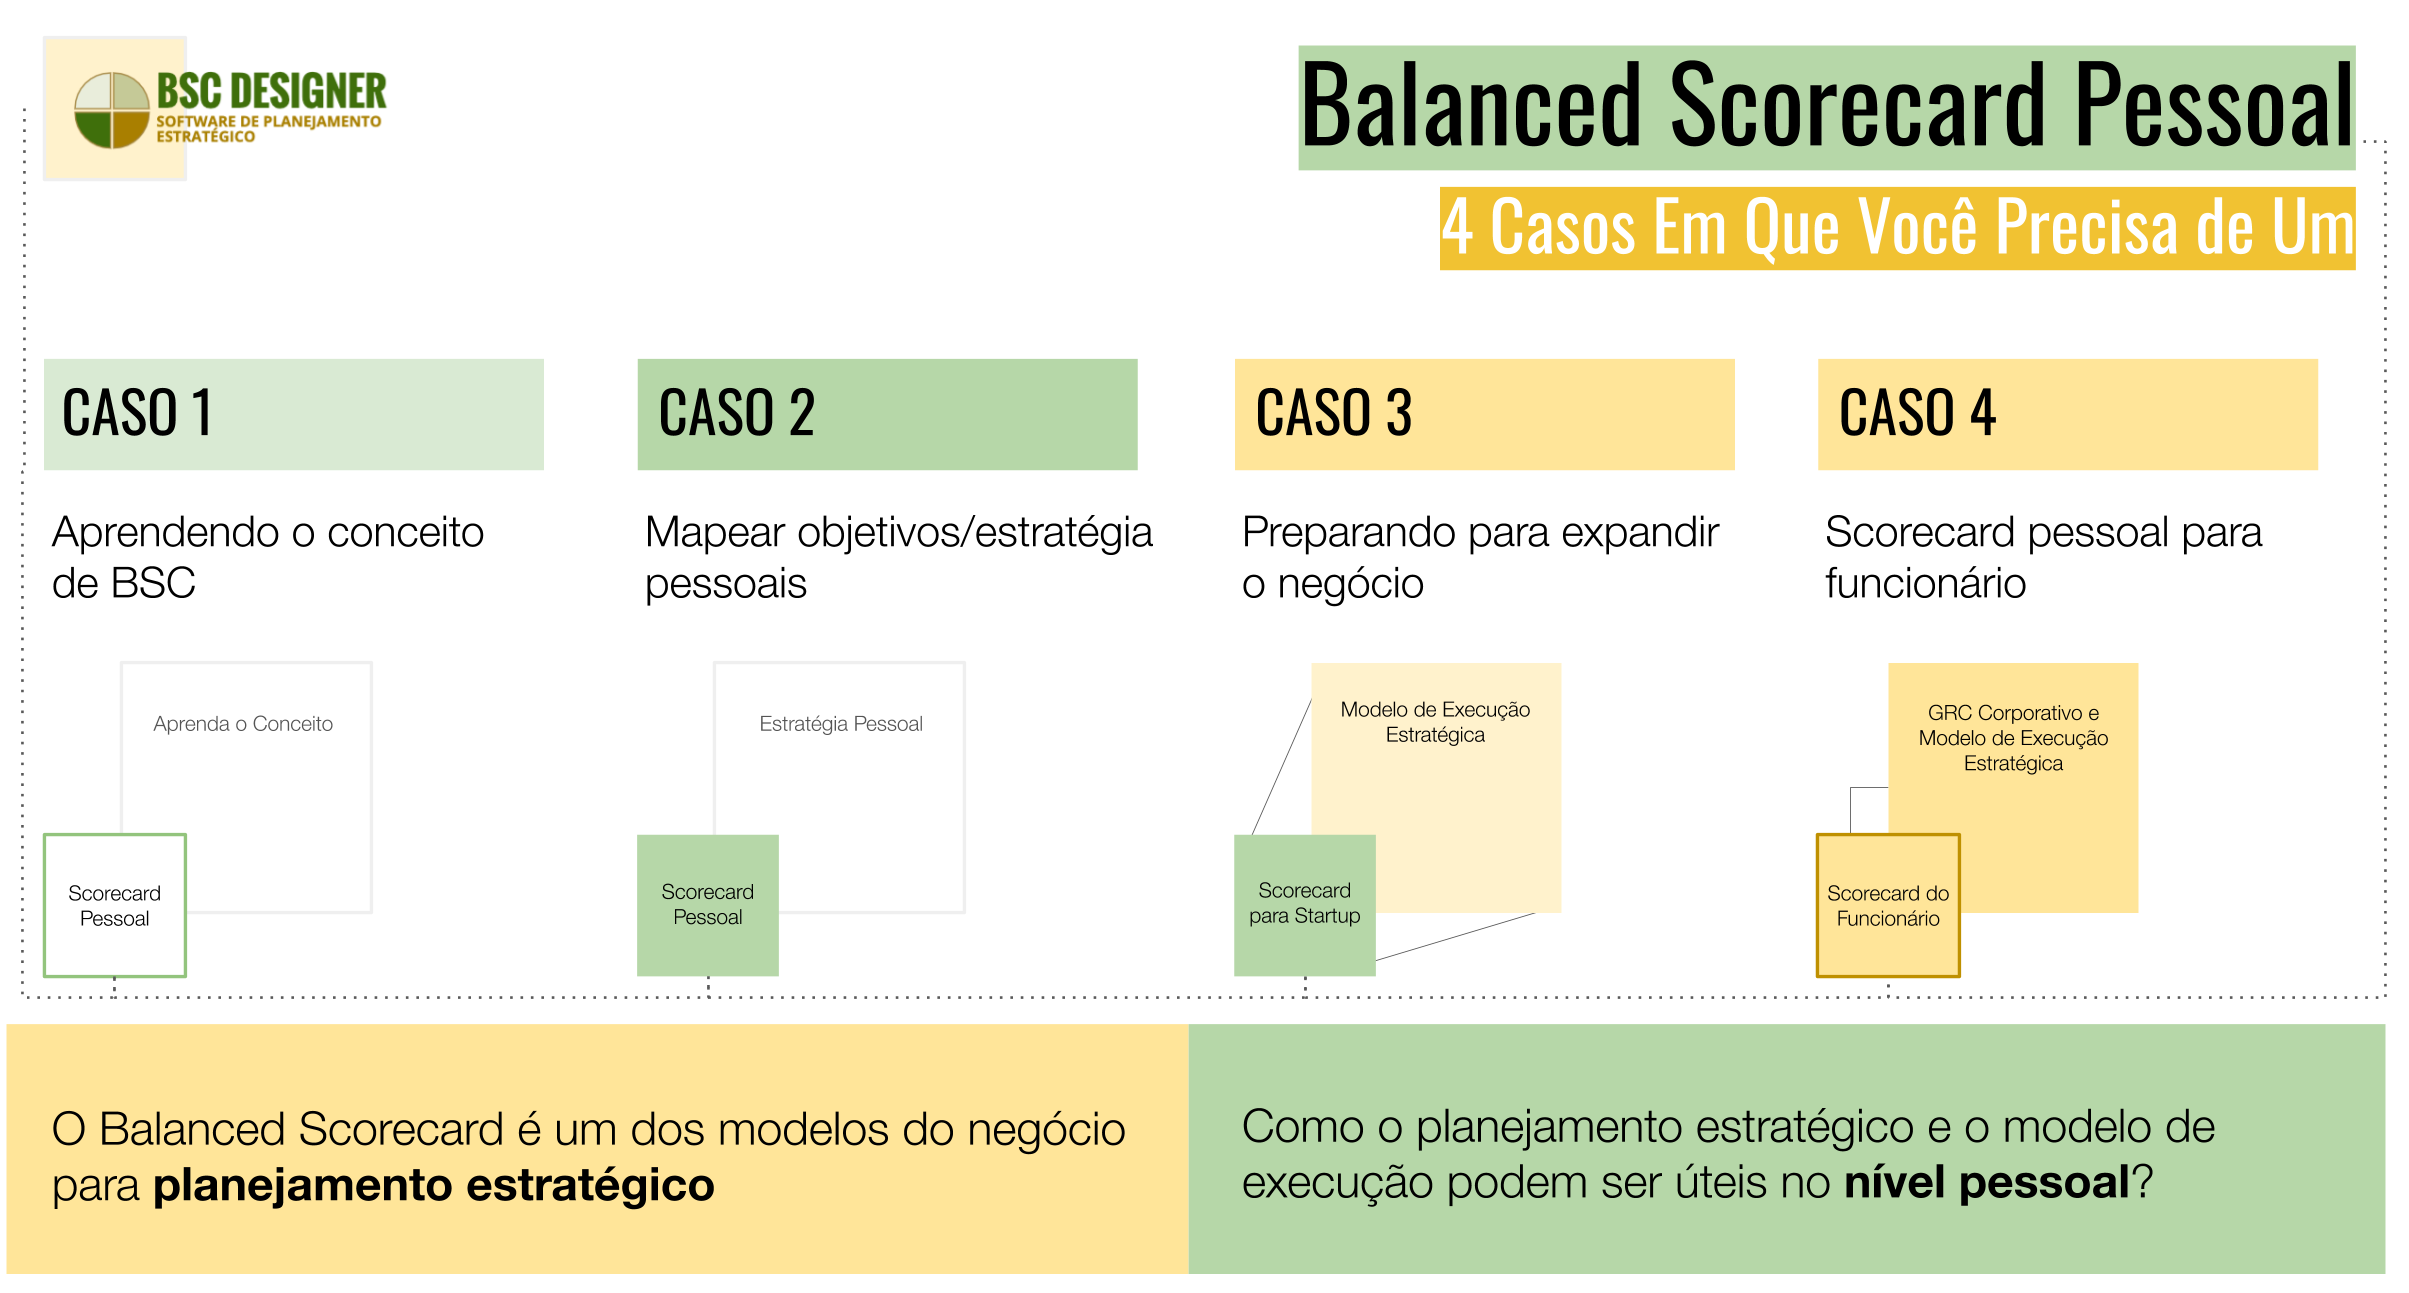 Balanced Scorecard no Nível Pessoal e de Funcionário